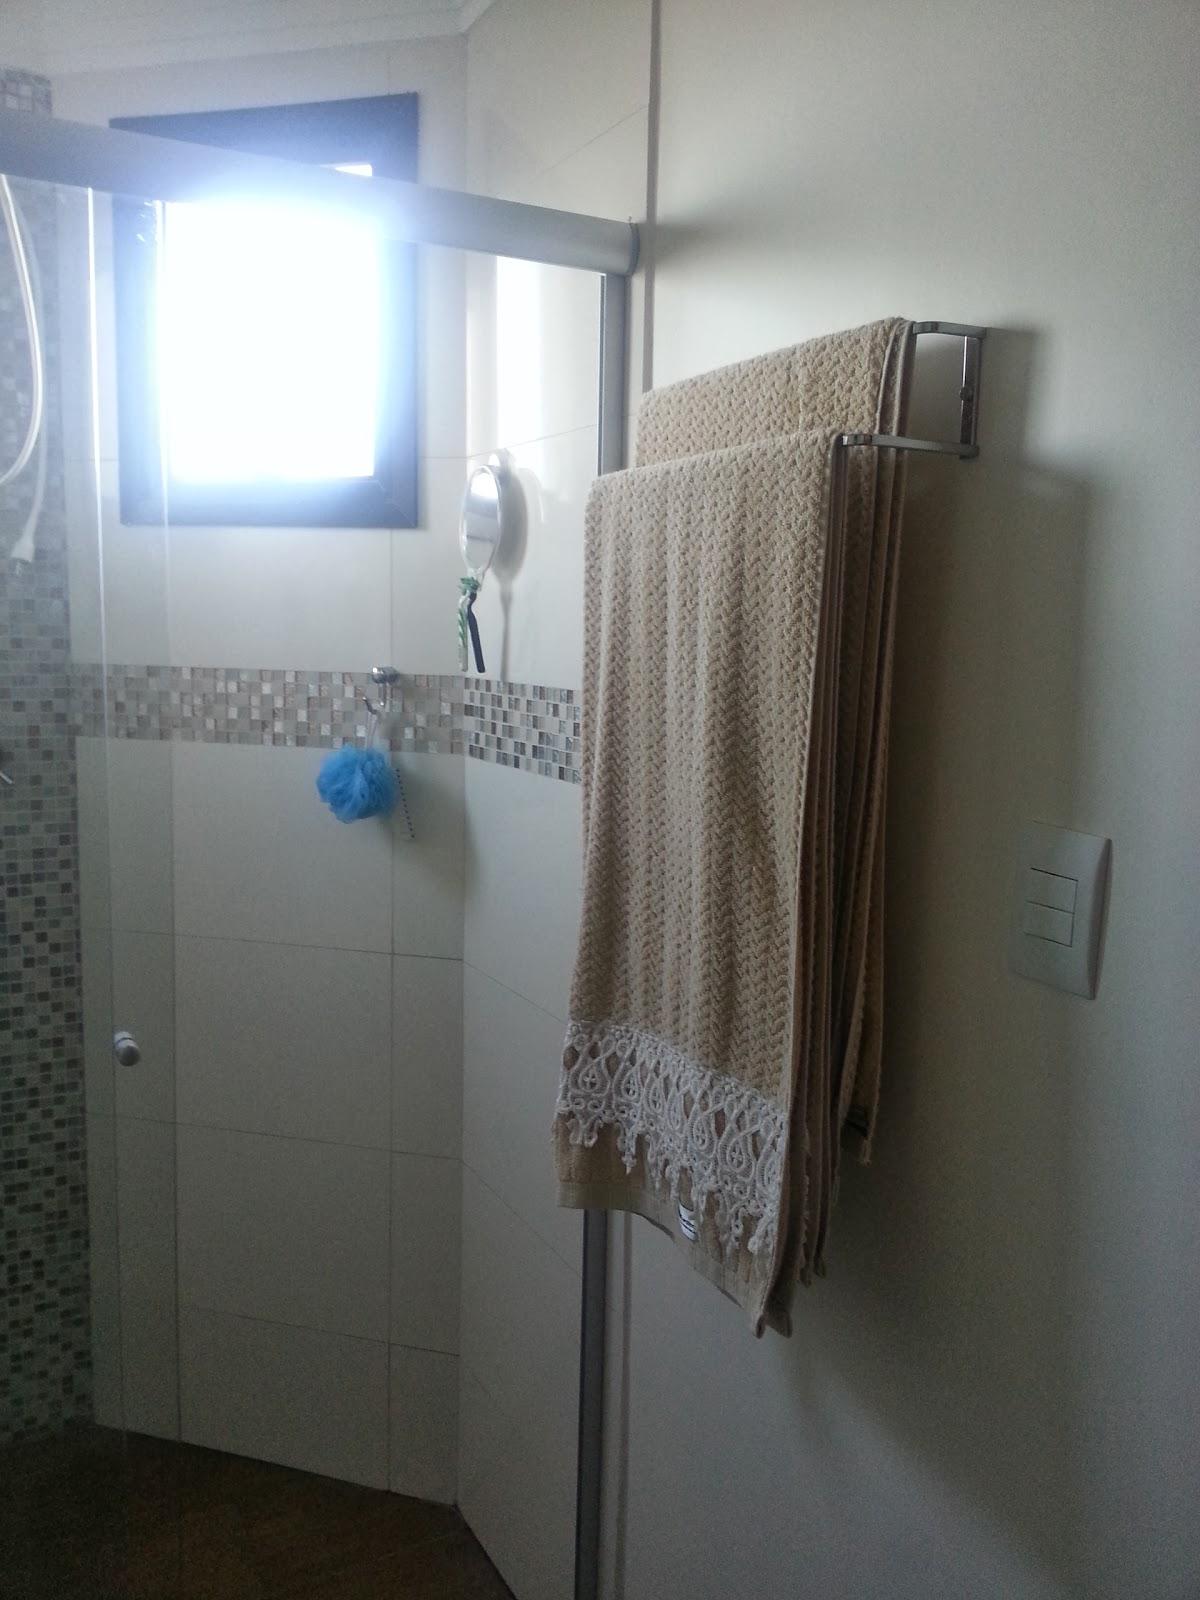 Imagens de #4D617E Sim senhora mãe!: Apê Pronto: Banheiros 1200x1600 px 3698 Banheiros Prontos Fotos